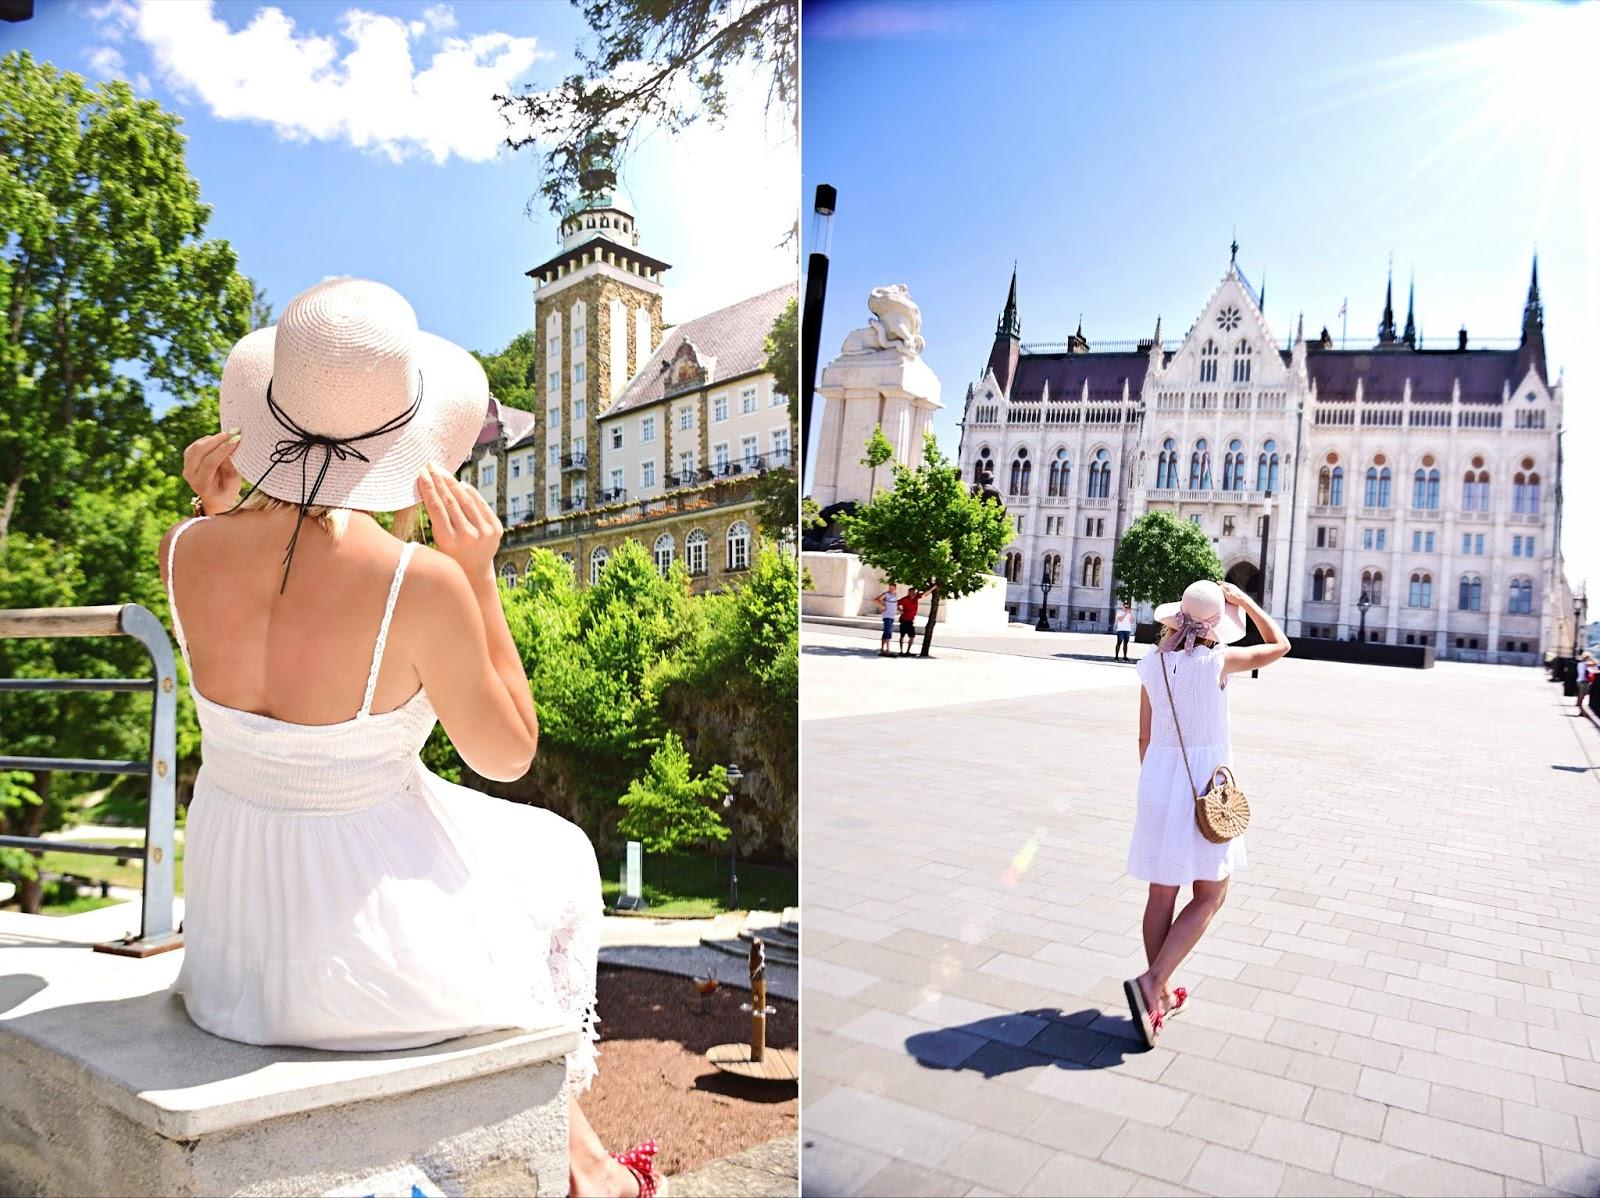 kapelusz_lato_wakacje_grochy_duże_rondo